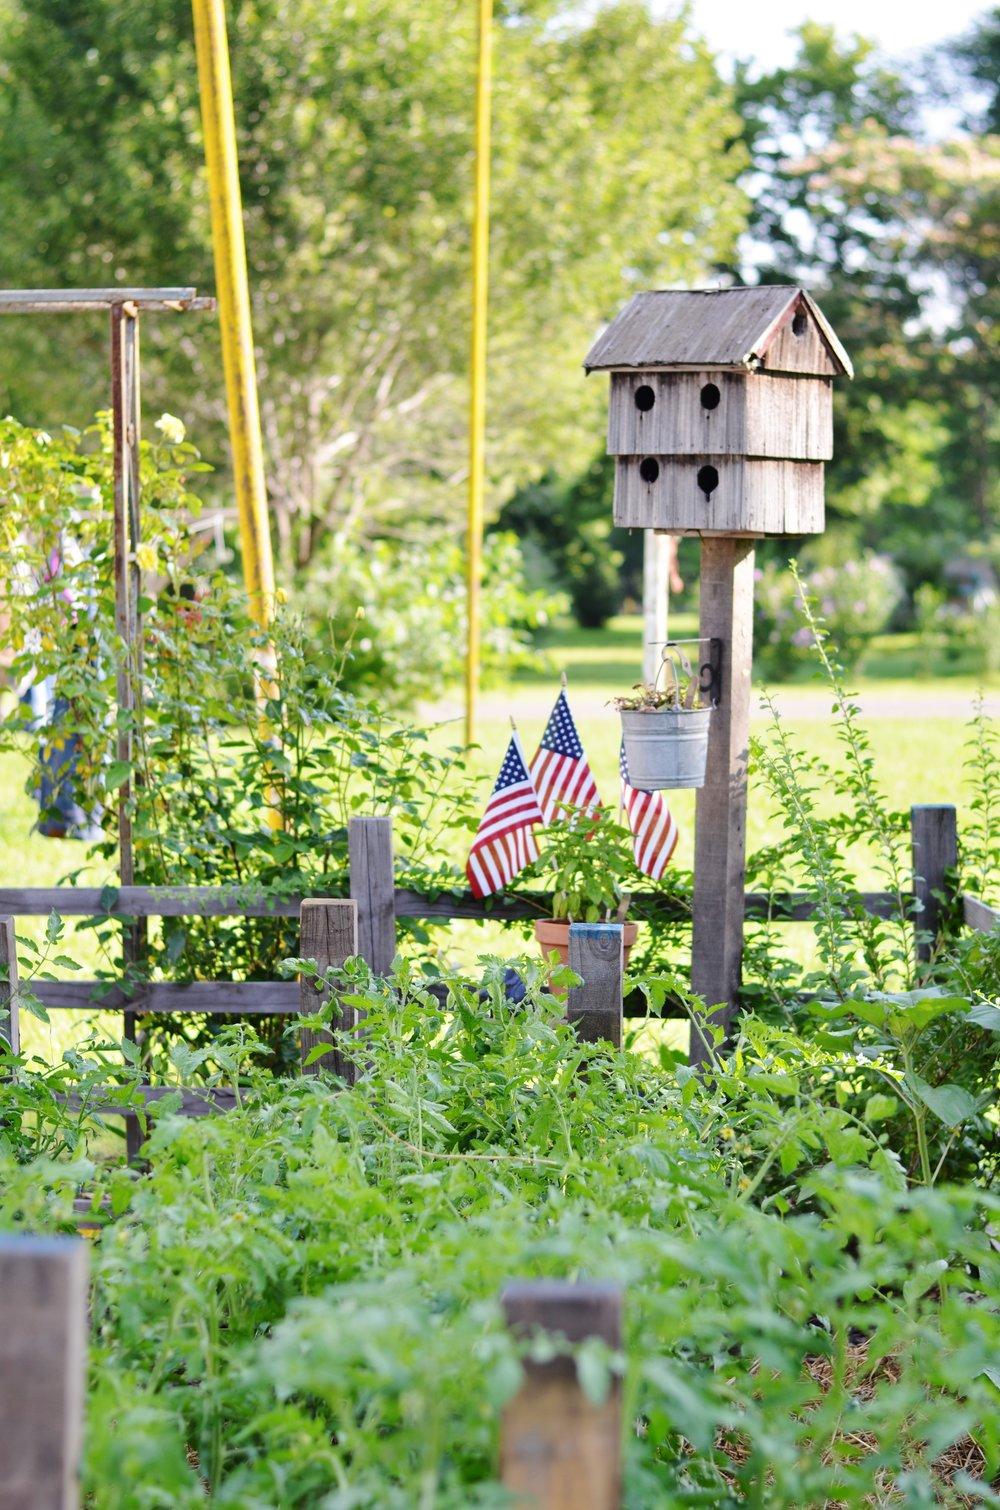 birdhouse garden vegetables flowers heirloom seeds